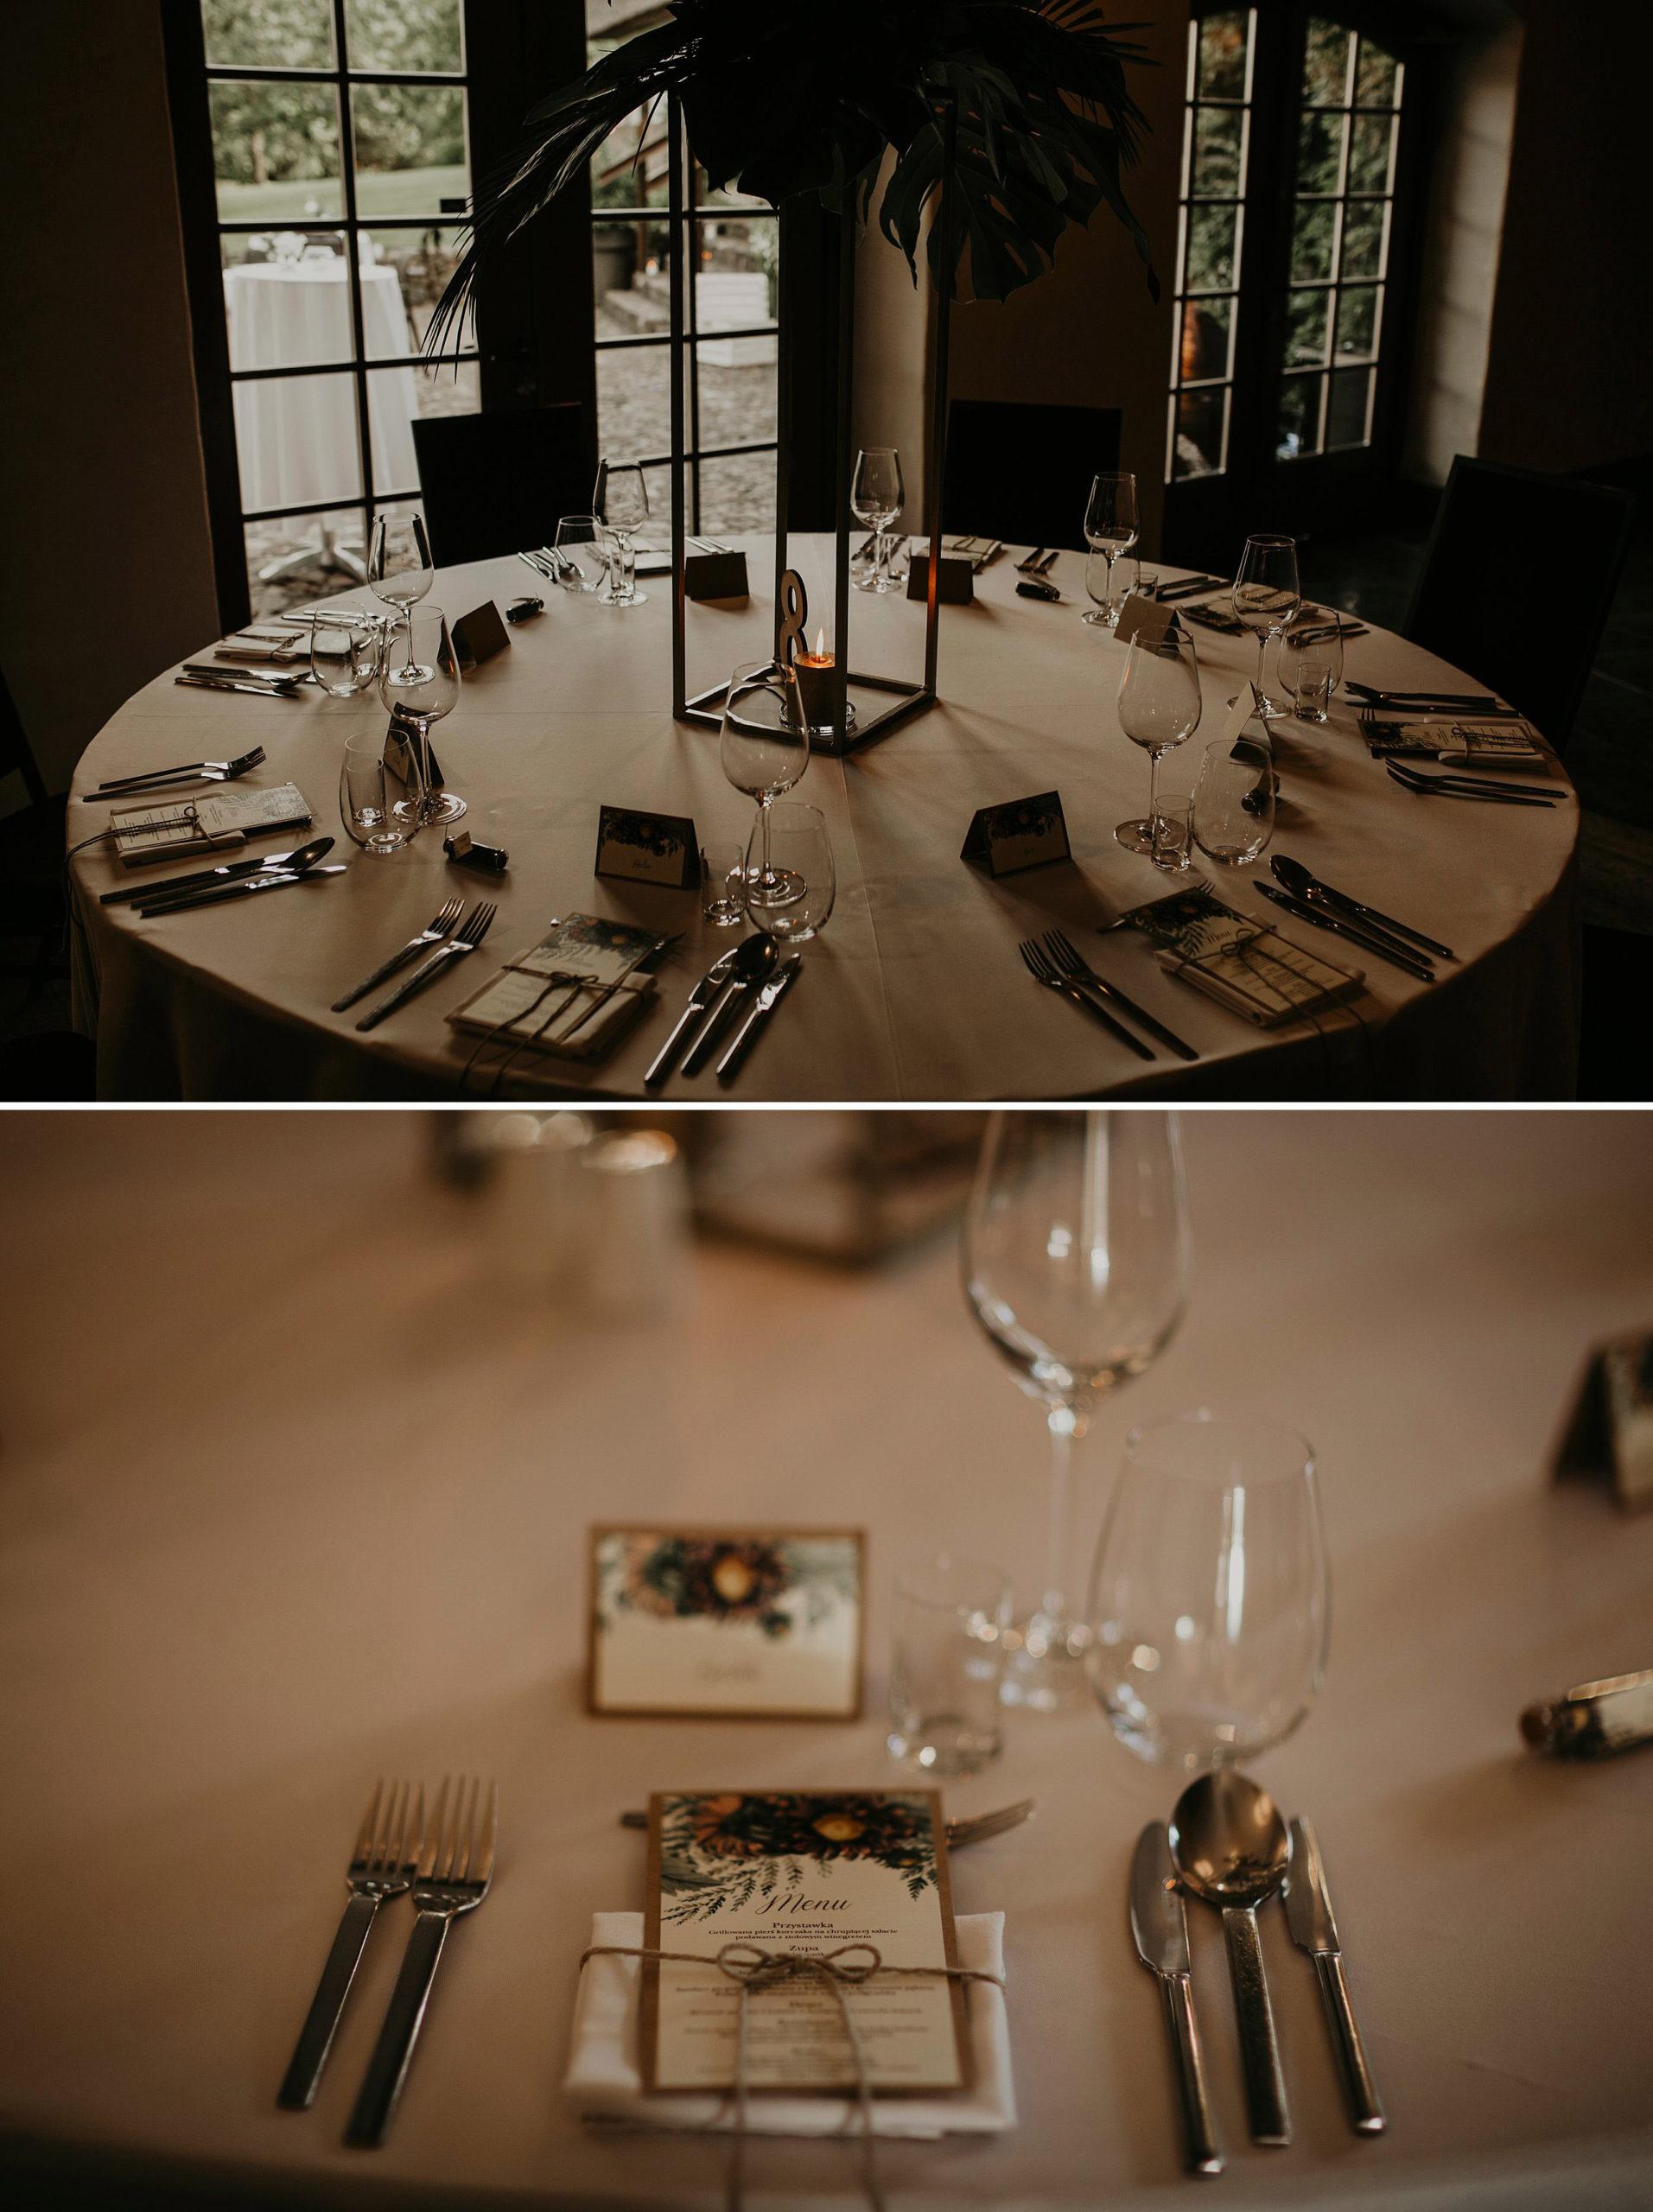 wesele hotelarnia puszczykowo 109 scaled